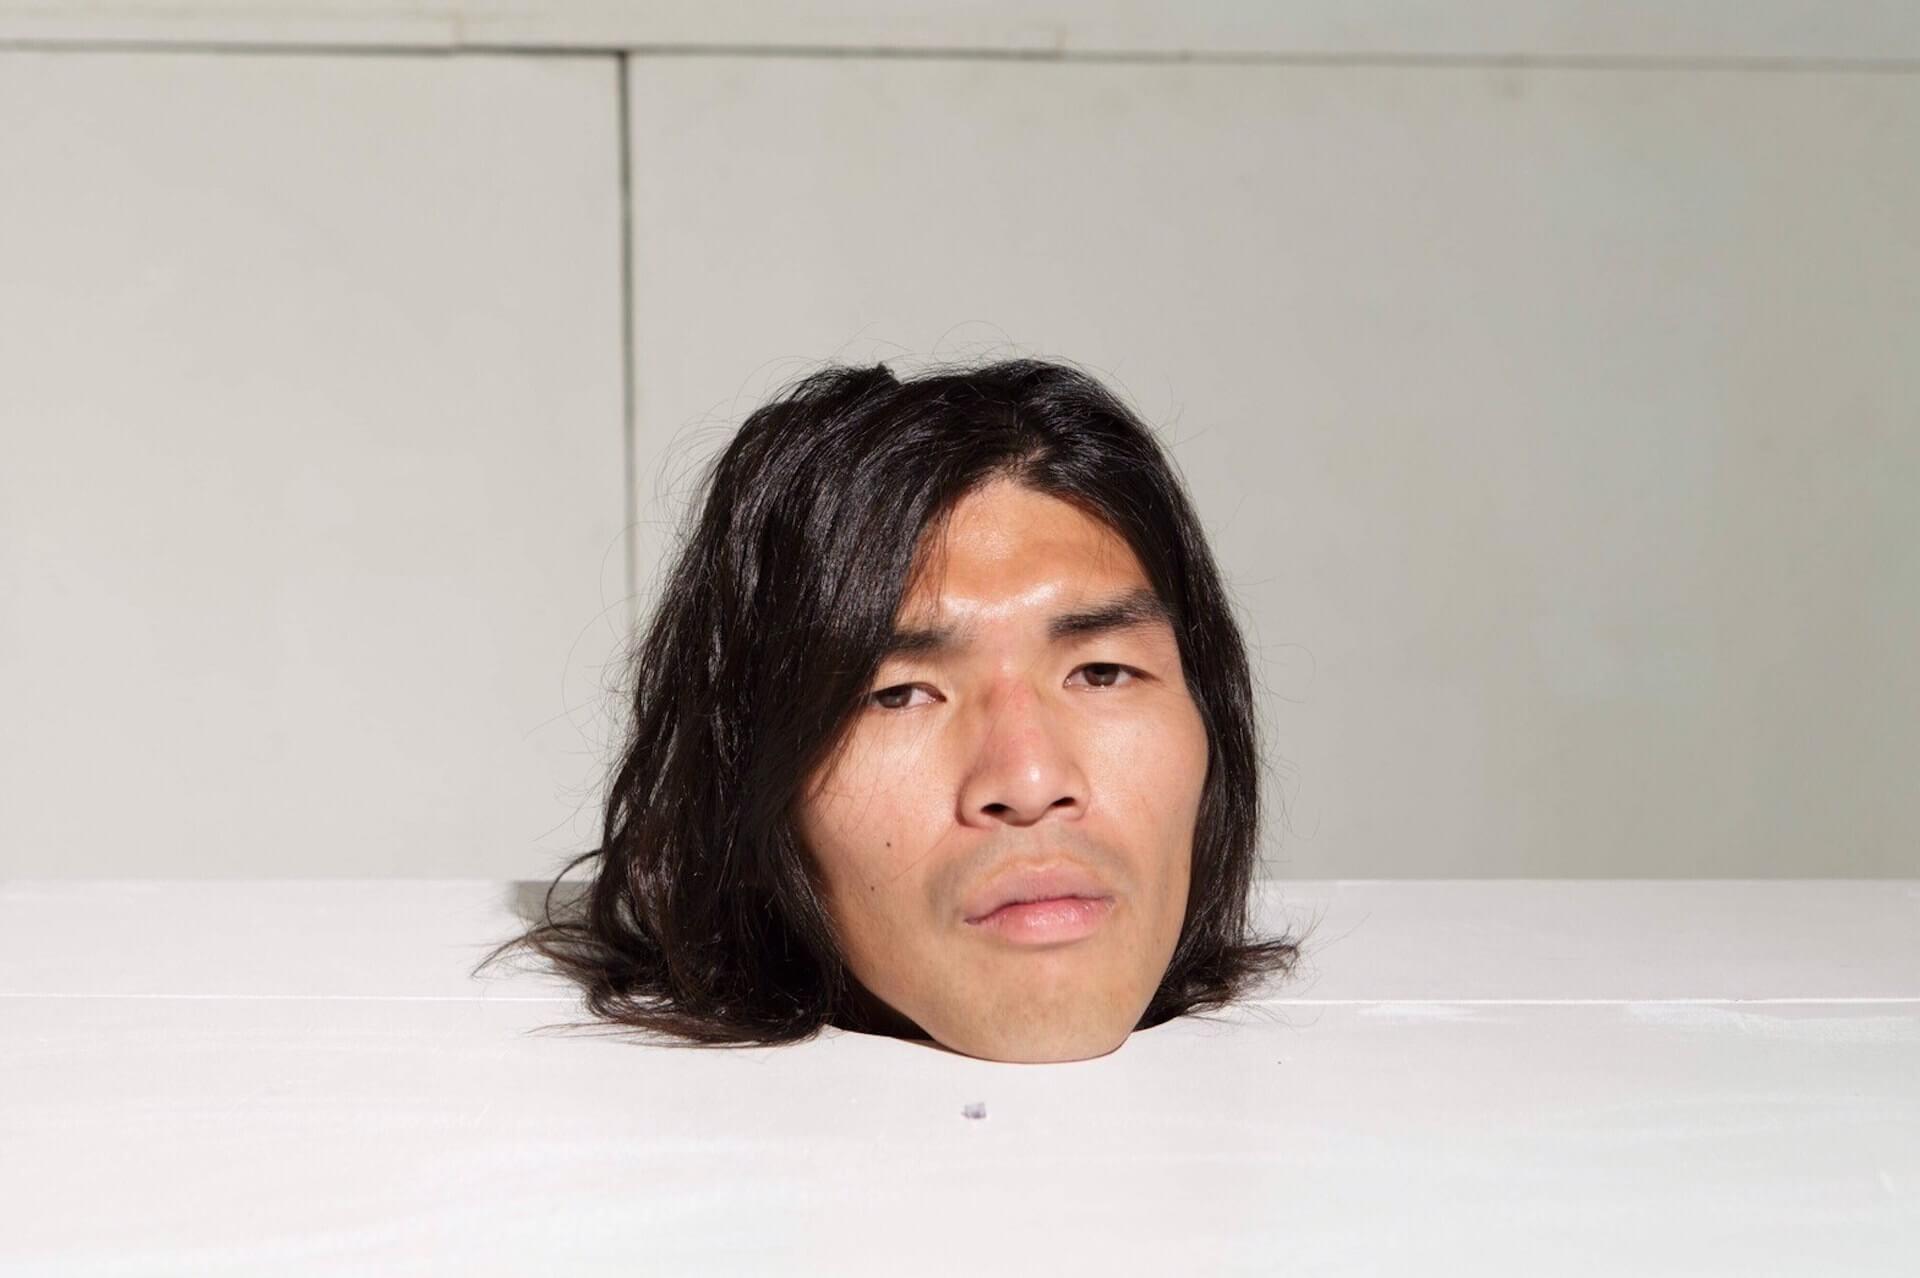 Yoshinori HayashiとDJ TODAYによるレジデントパーティーが美術家・村田峰紀を召喚し11月に開催 amygdala-moss